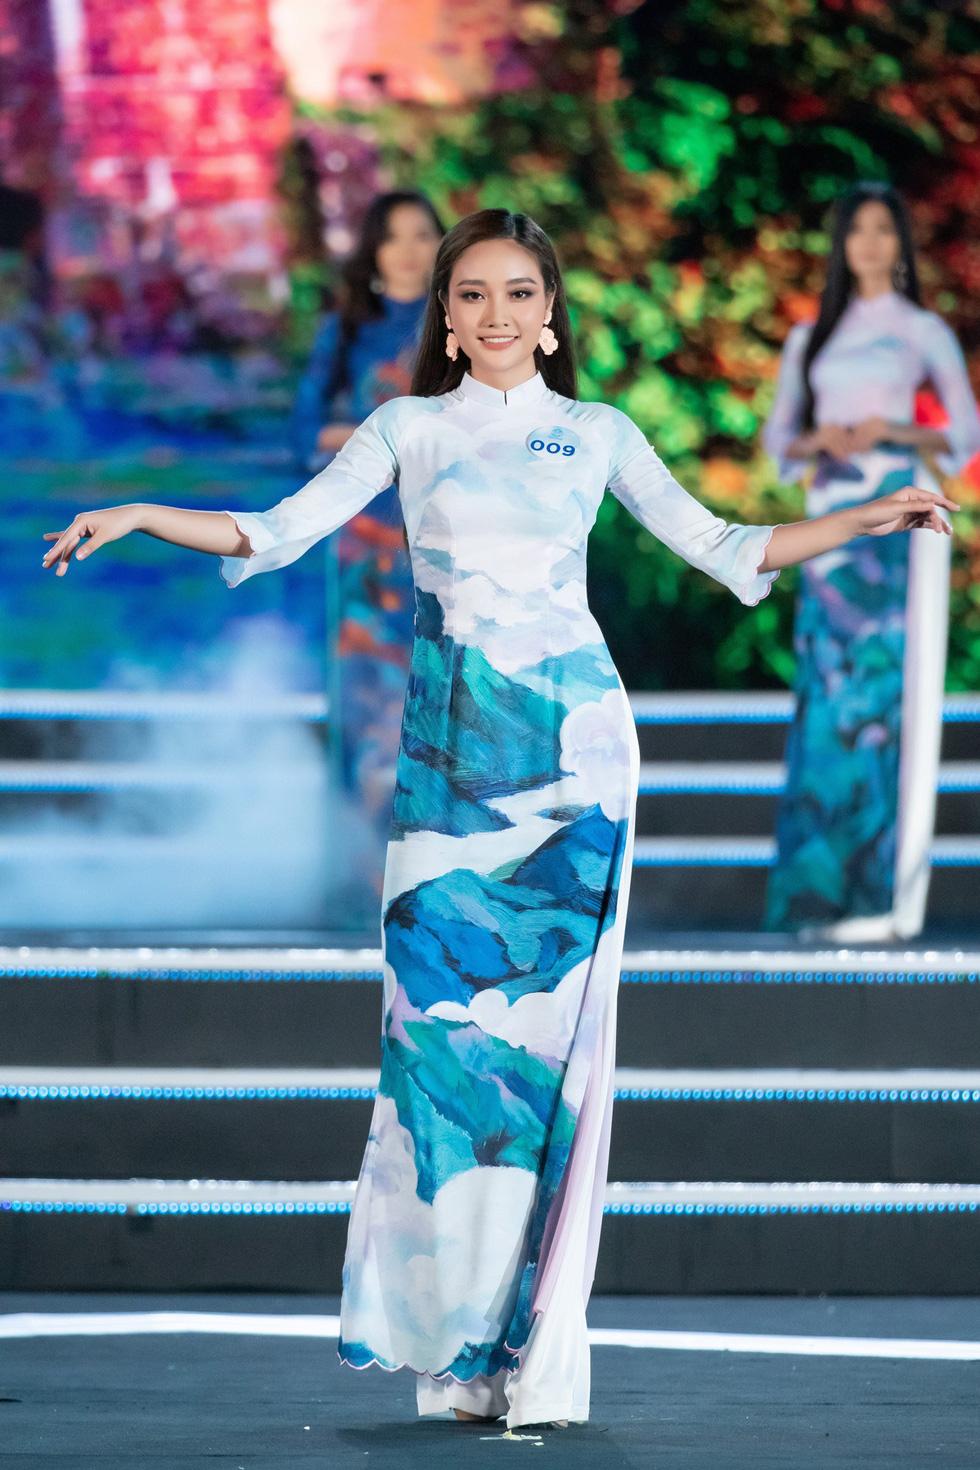 Bộ sưu tập áo dài đèo Hải Vân giúp Lương Thùy Linh đăng quang - Ảnh 5.